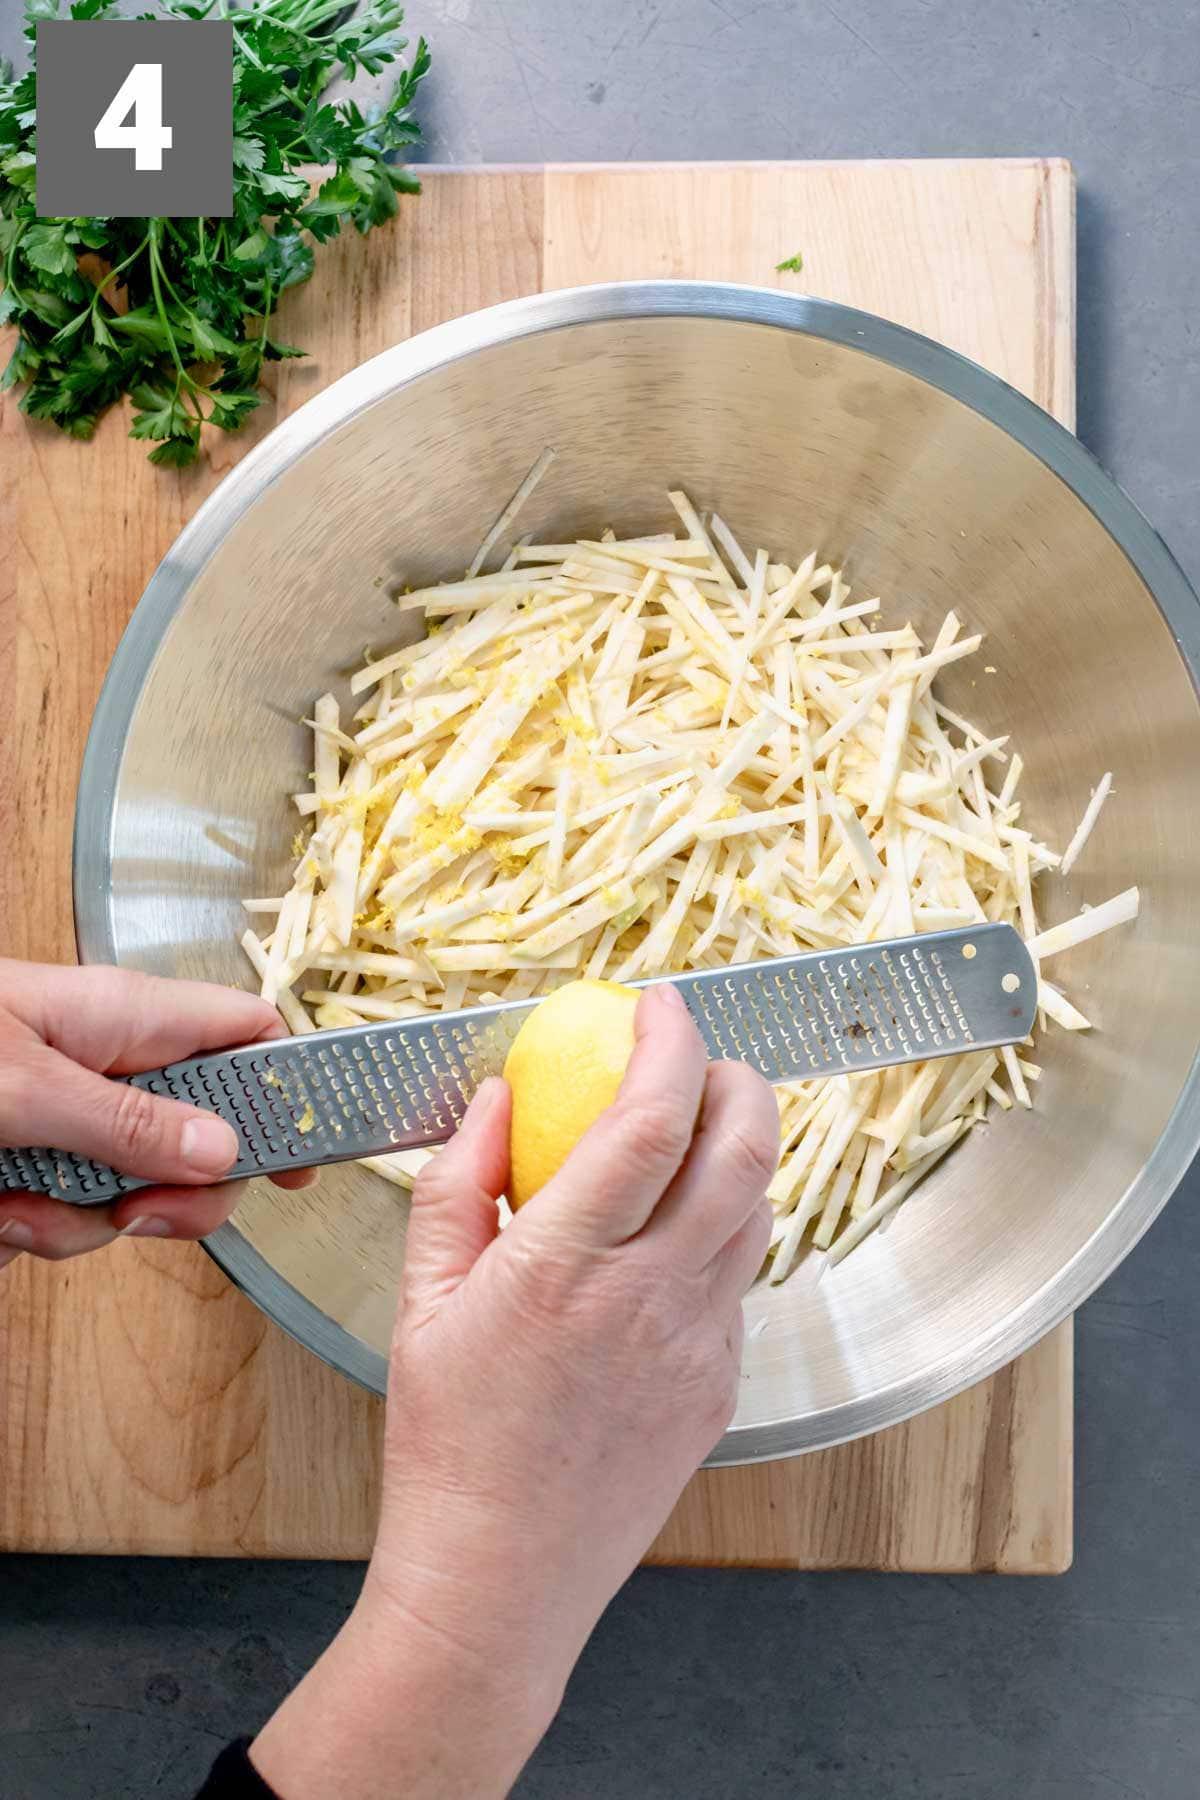 zest lemon over the celery root